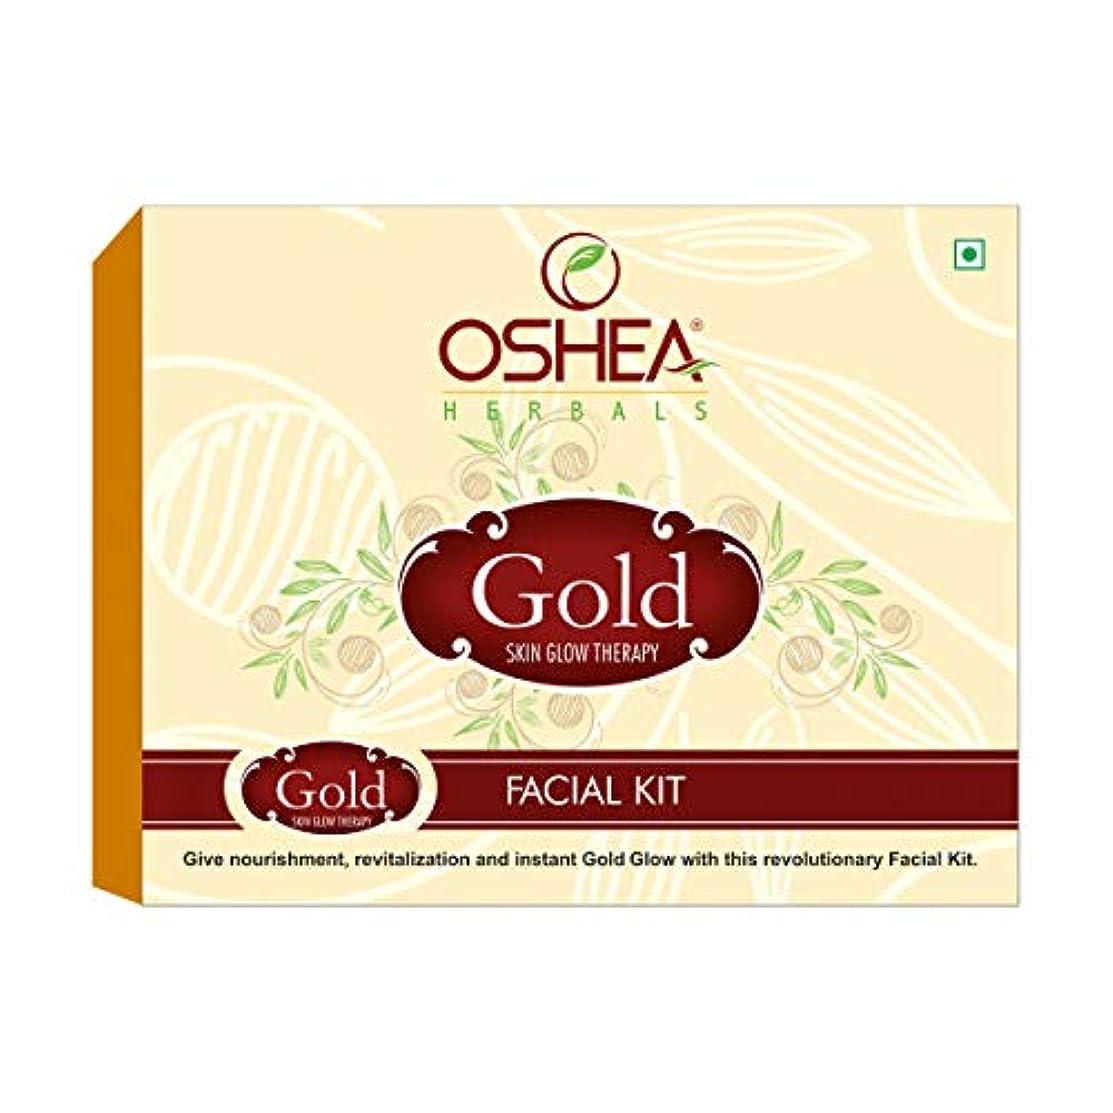 知る品揃え努力するOshea Herbals Gold Facial Kit 42g for softer and smoother skin and enhance your complexion Oshea Herbals ゴールド フェイシャルキットで肌を柔らかく滑らかにし、顔色を改善します